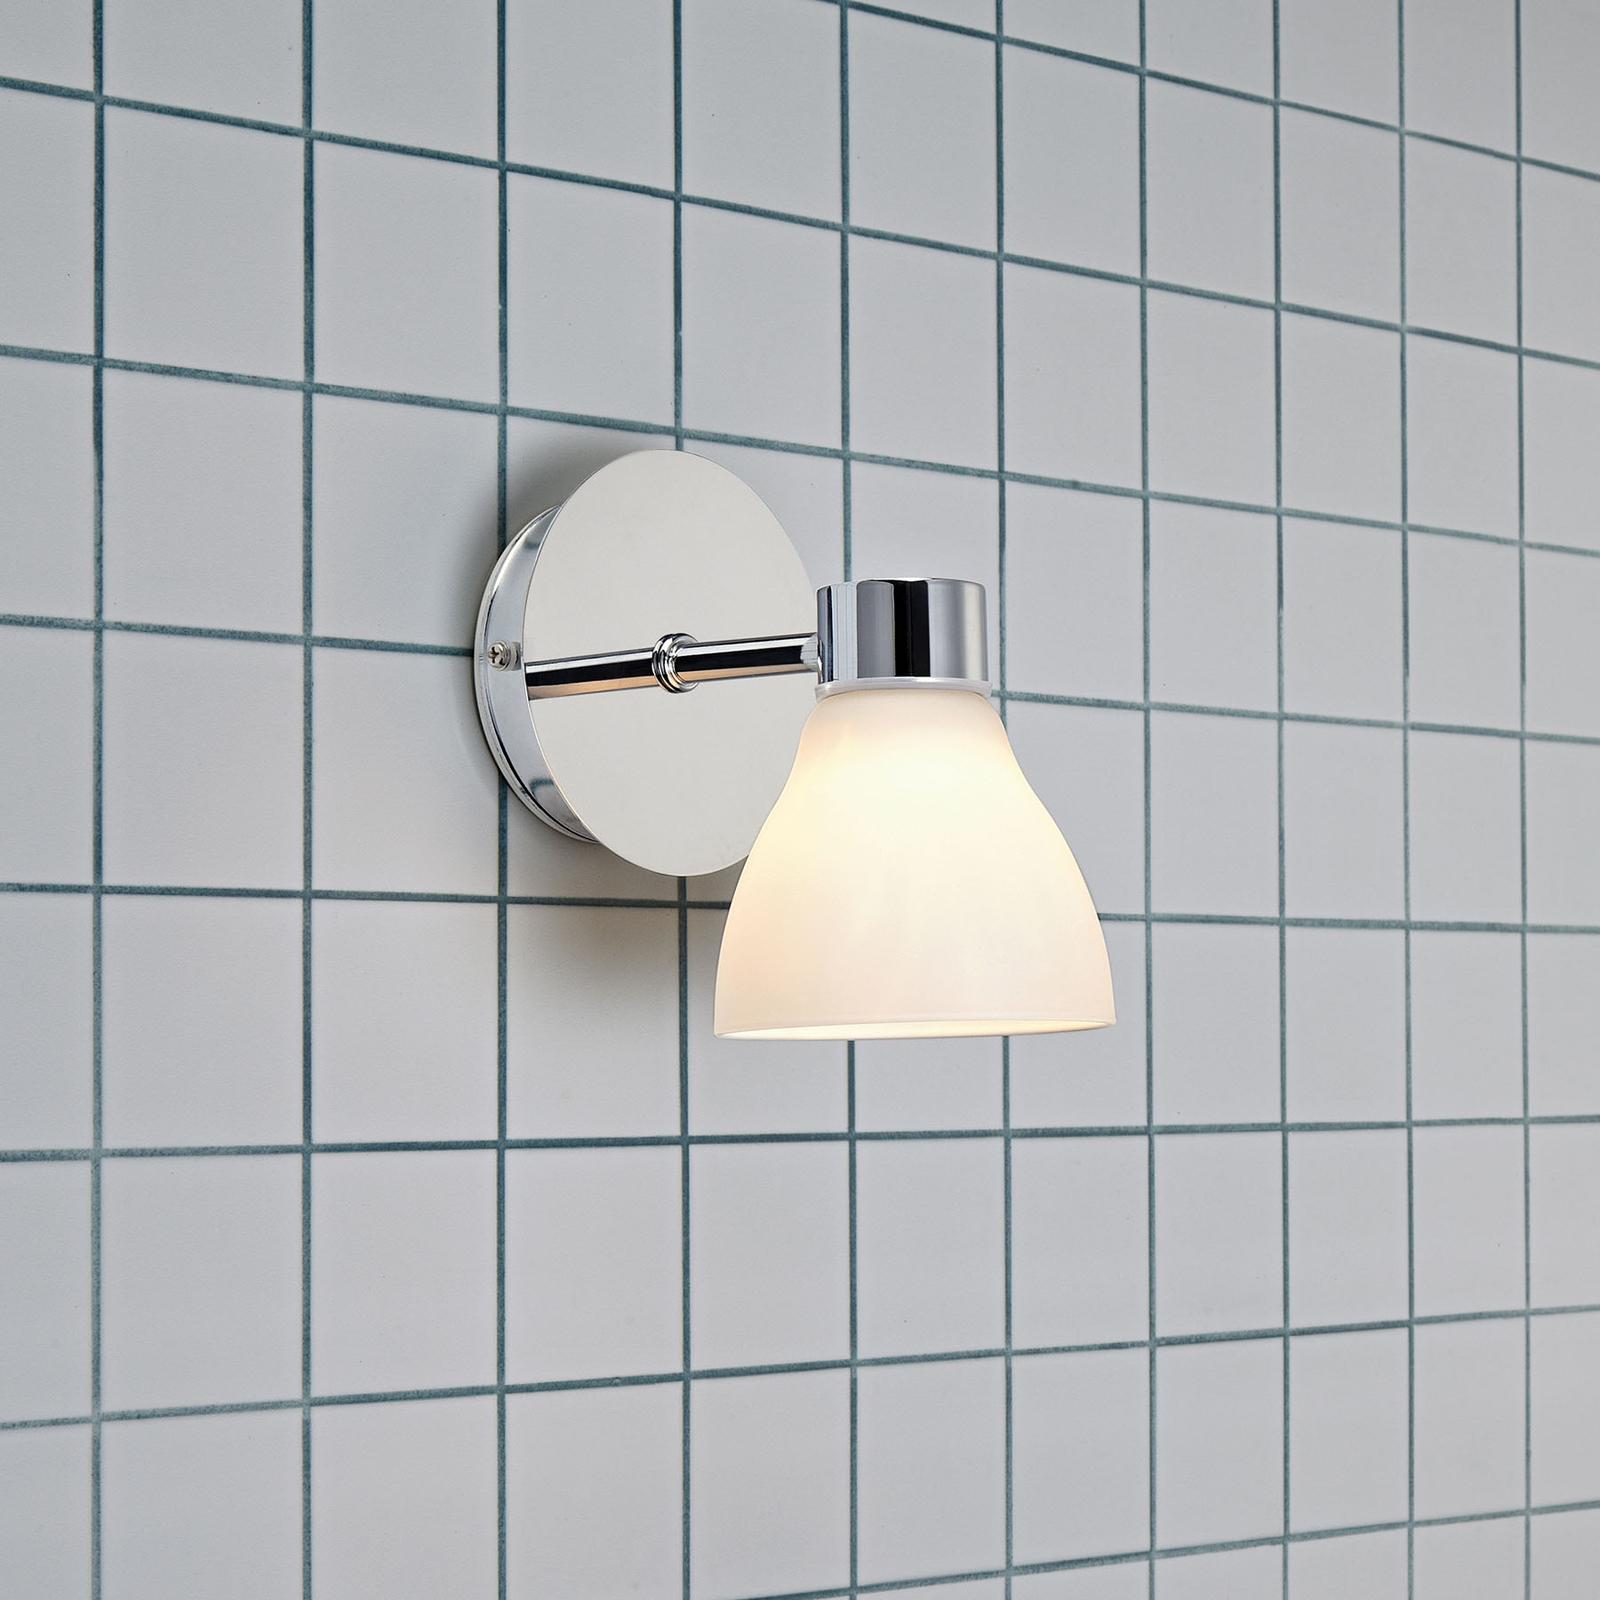 Kylpyhuoneen seinävalaisin Cassis, 1-lamppuinen